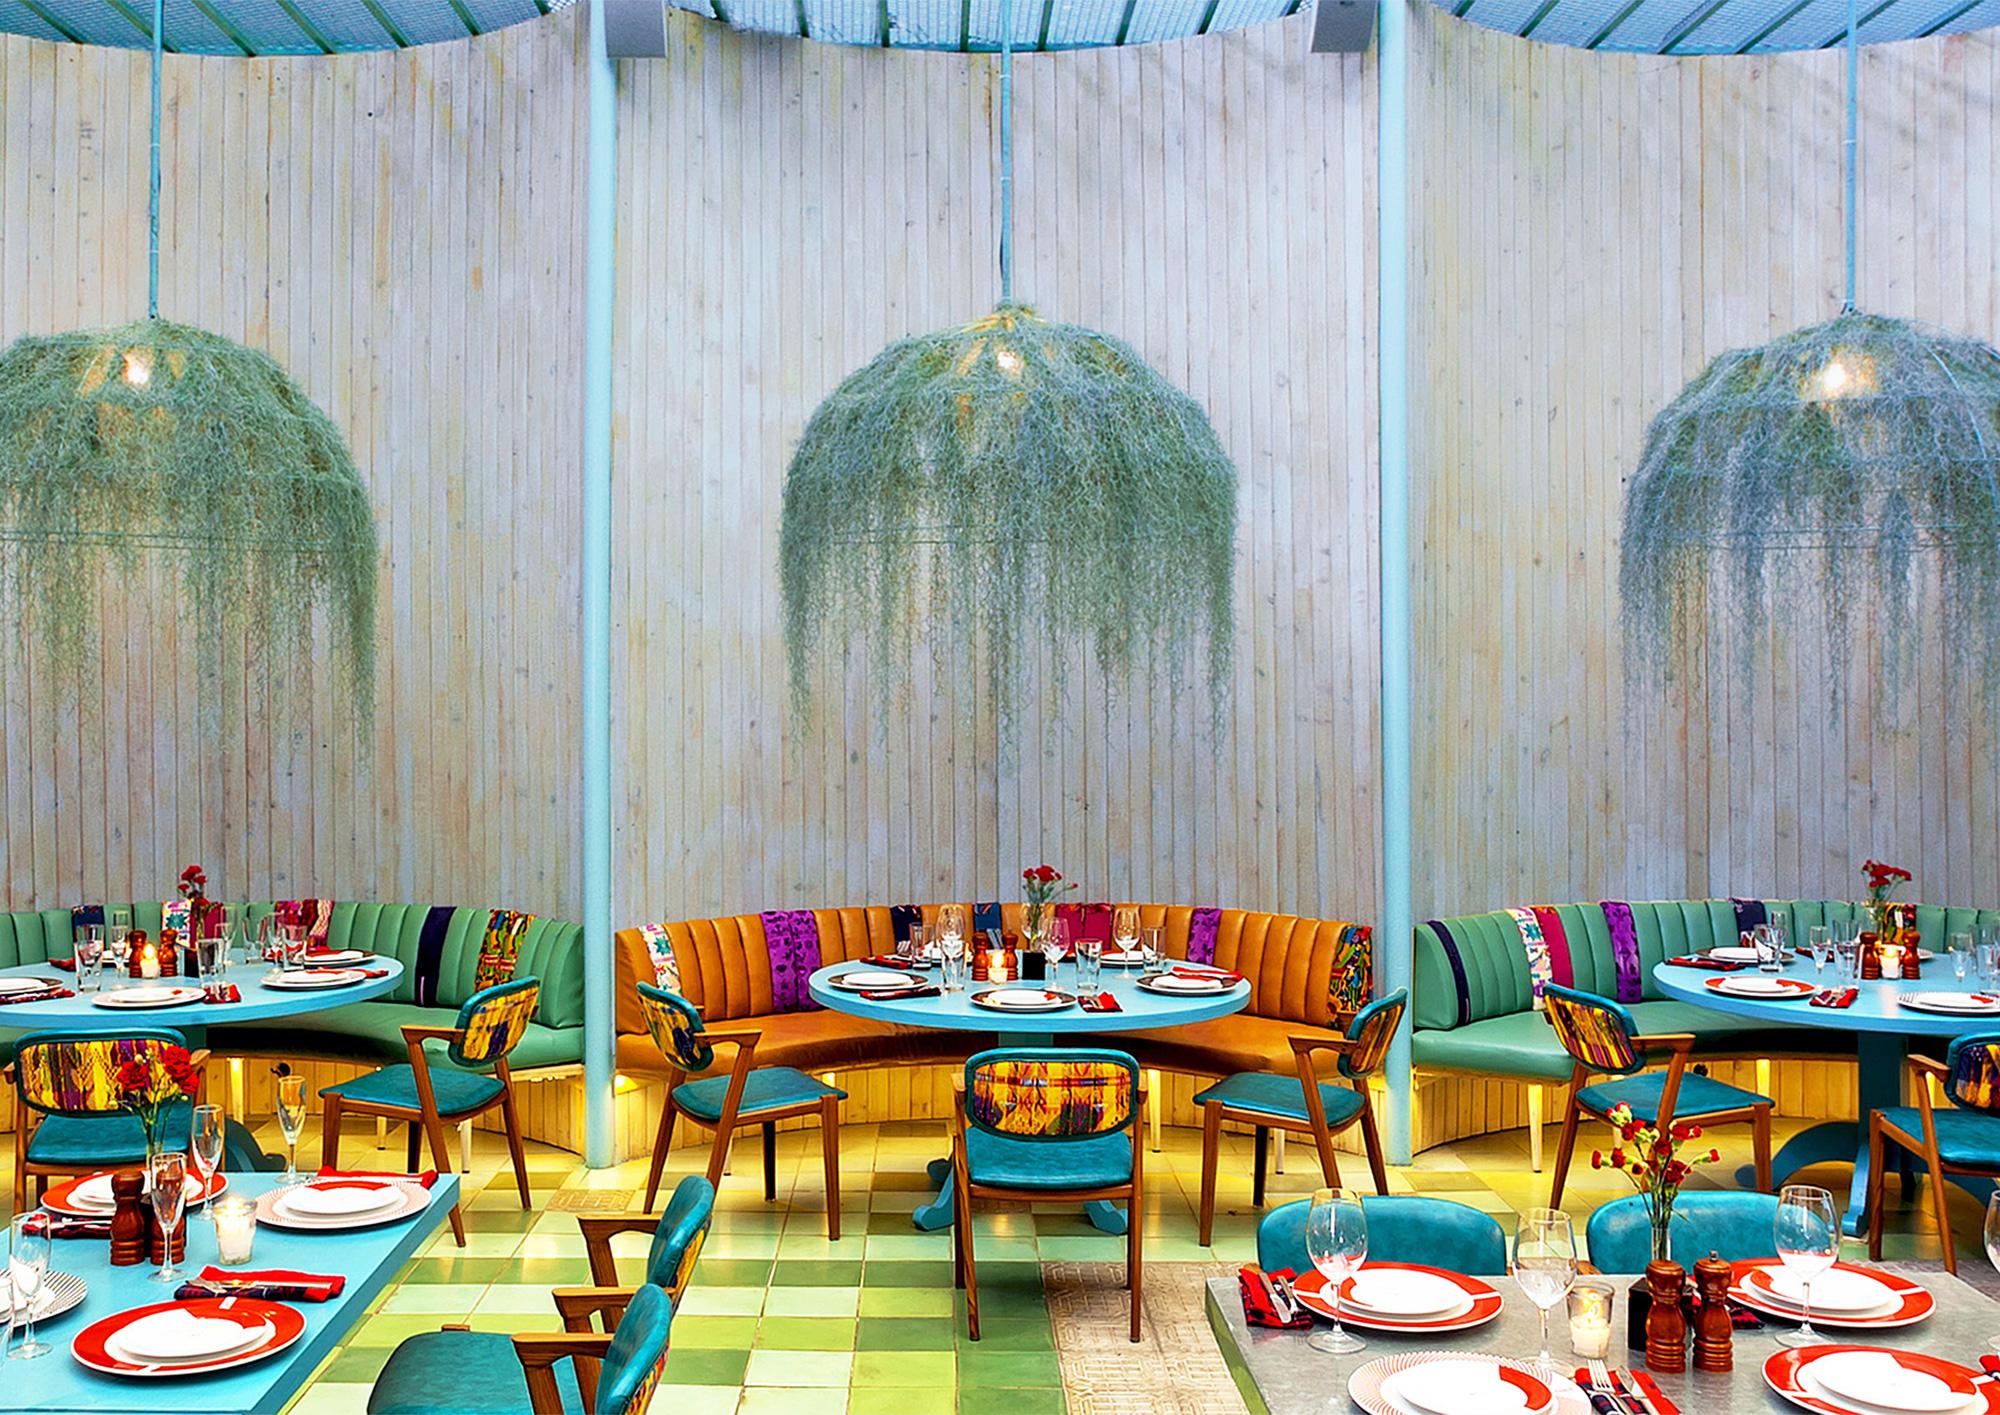 נווה מדבר טרופי בתוך כאוס עירוני: מסעדת Fjordenhus